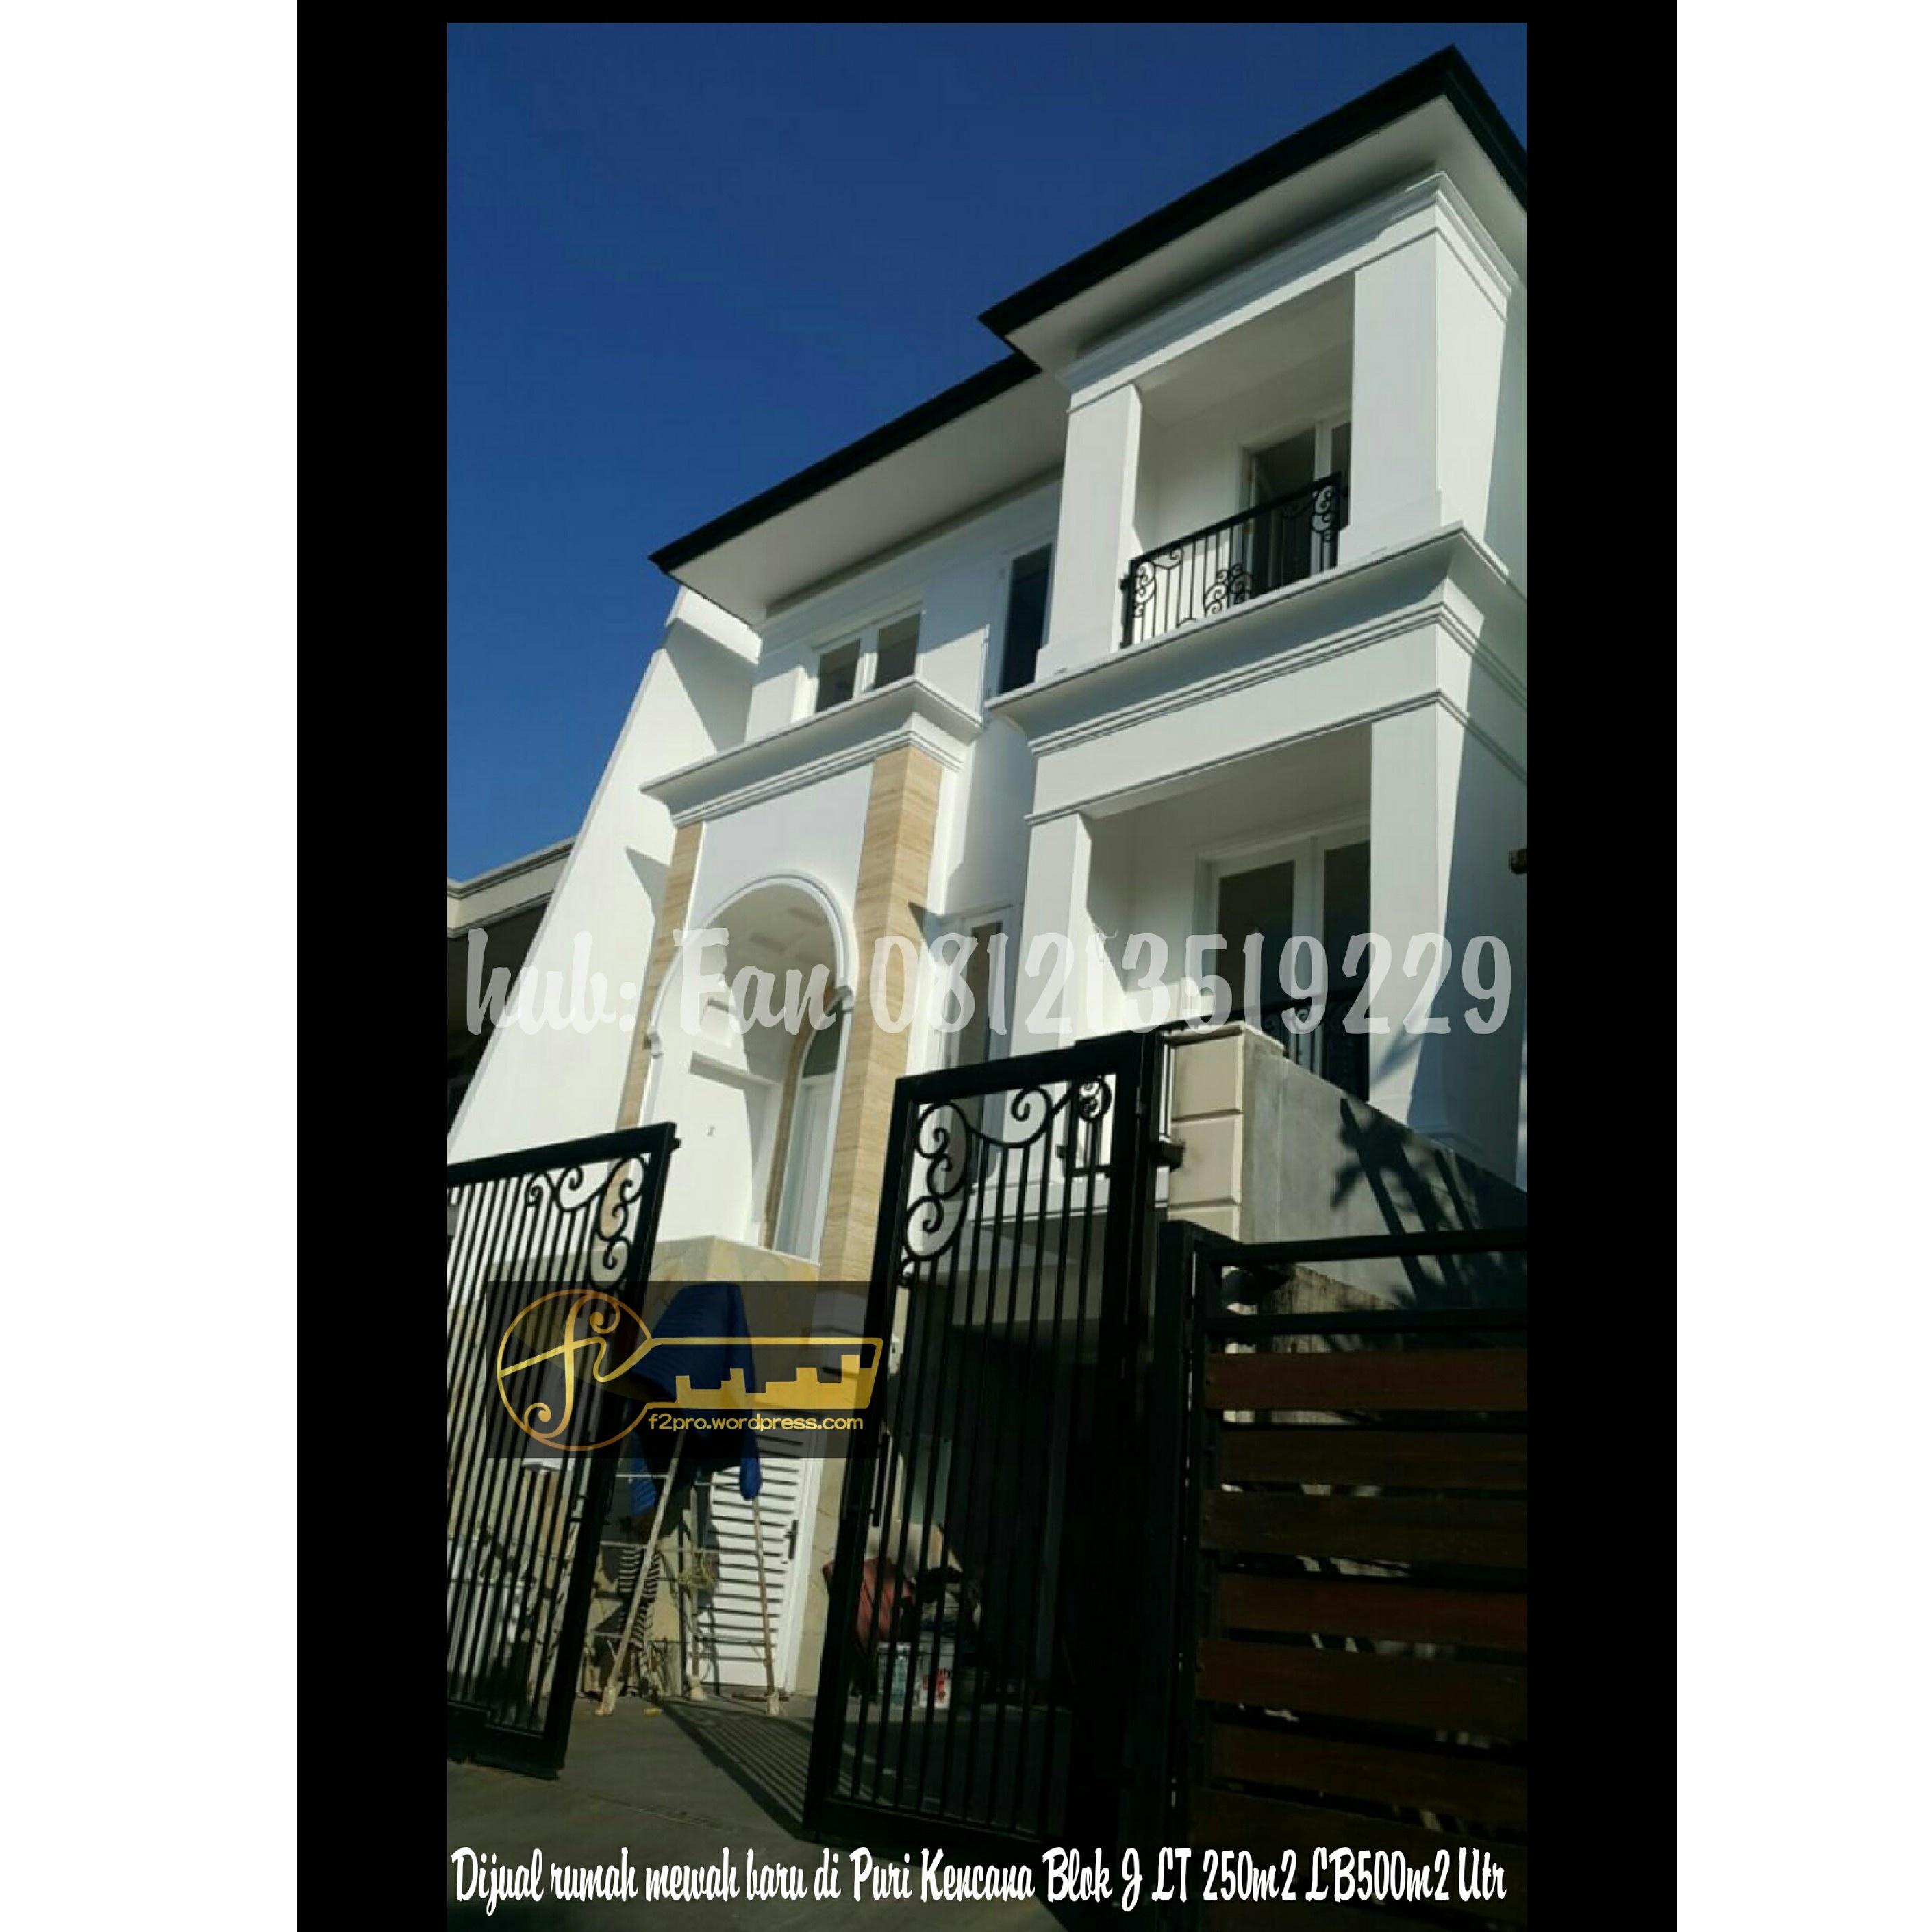 Rumah baru di Puri Kencana.jpg